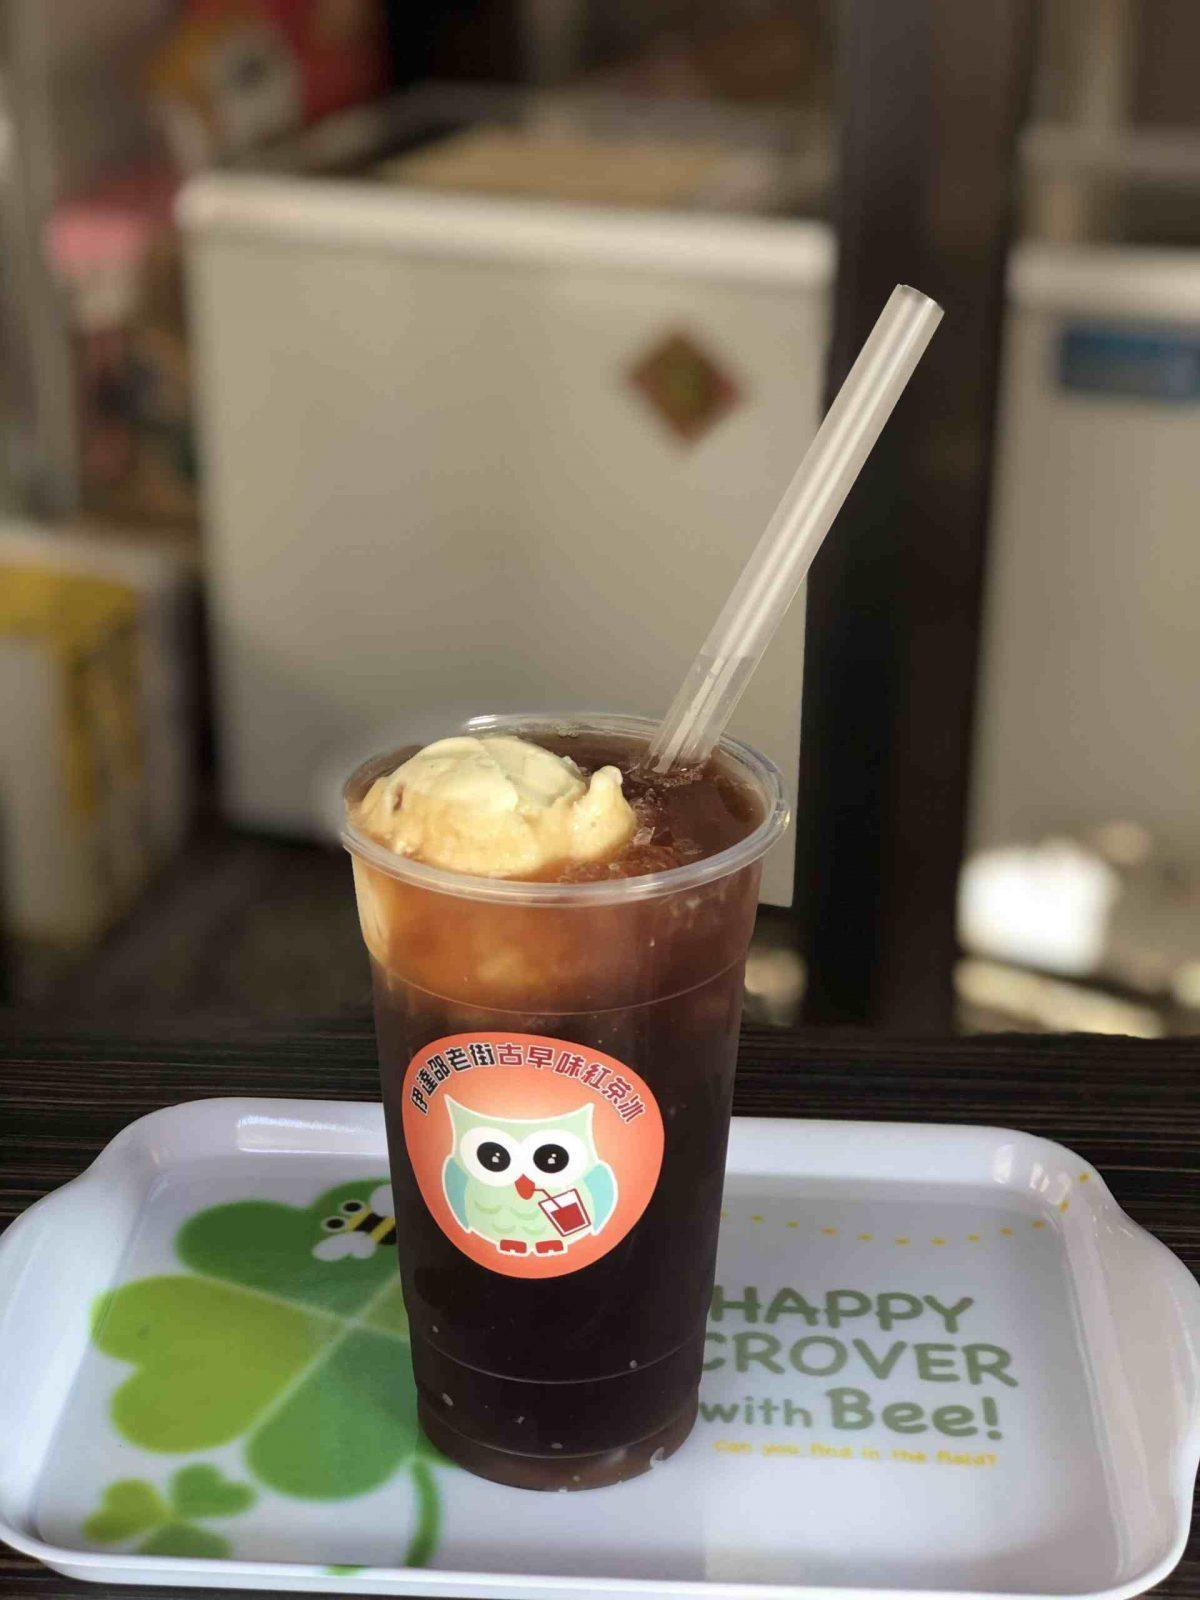 日月潭紅茶冰 日月潭紅茶 貓頭鷹古早味紅茶冰 冰淇淋紅茶